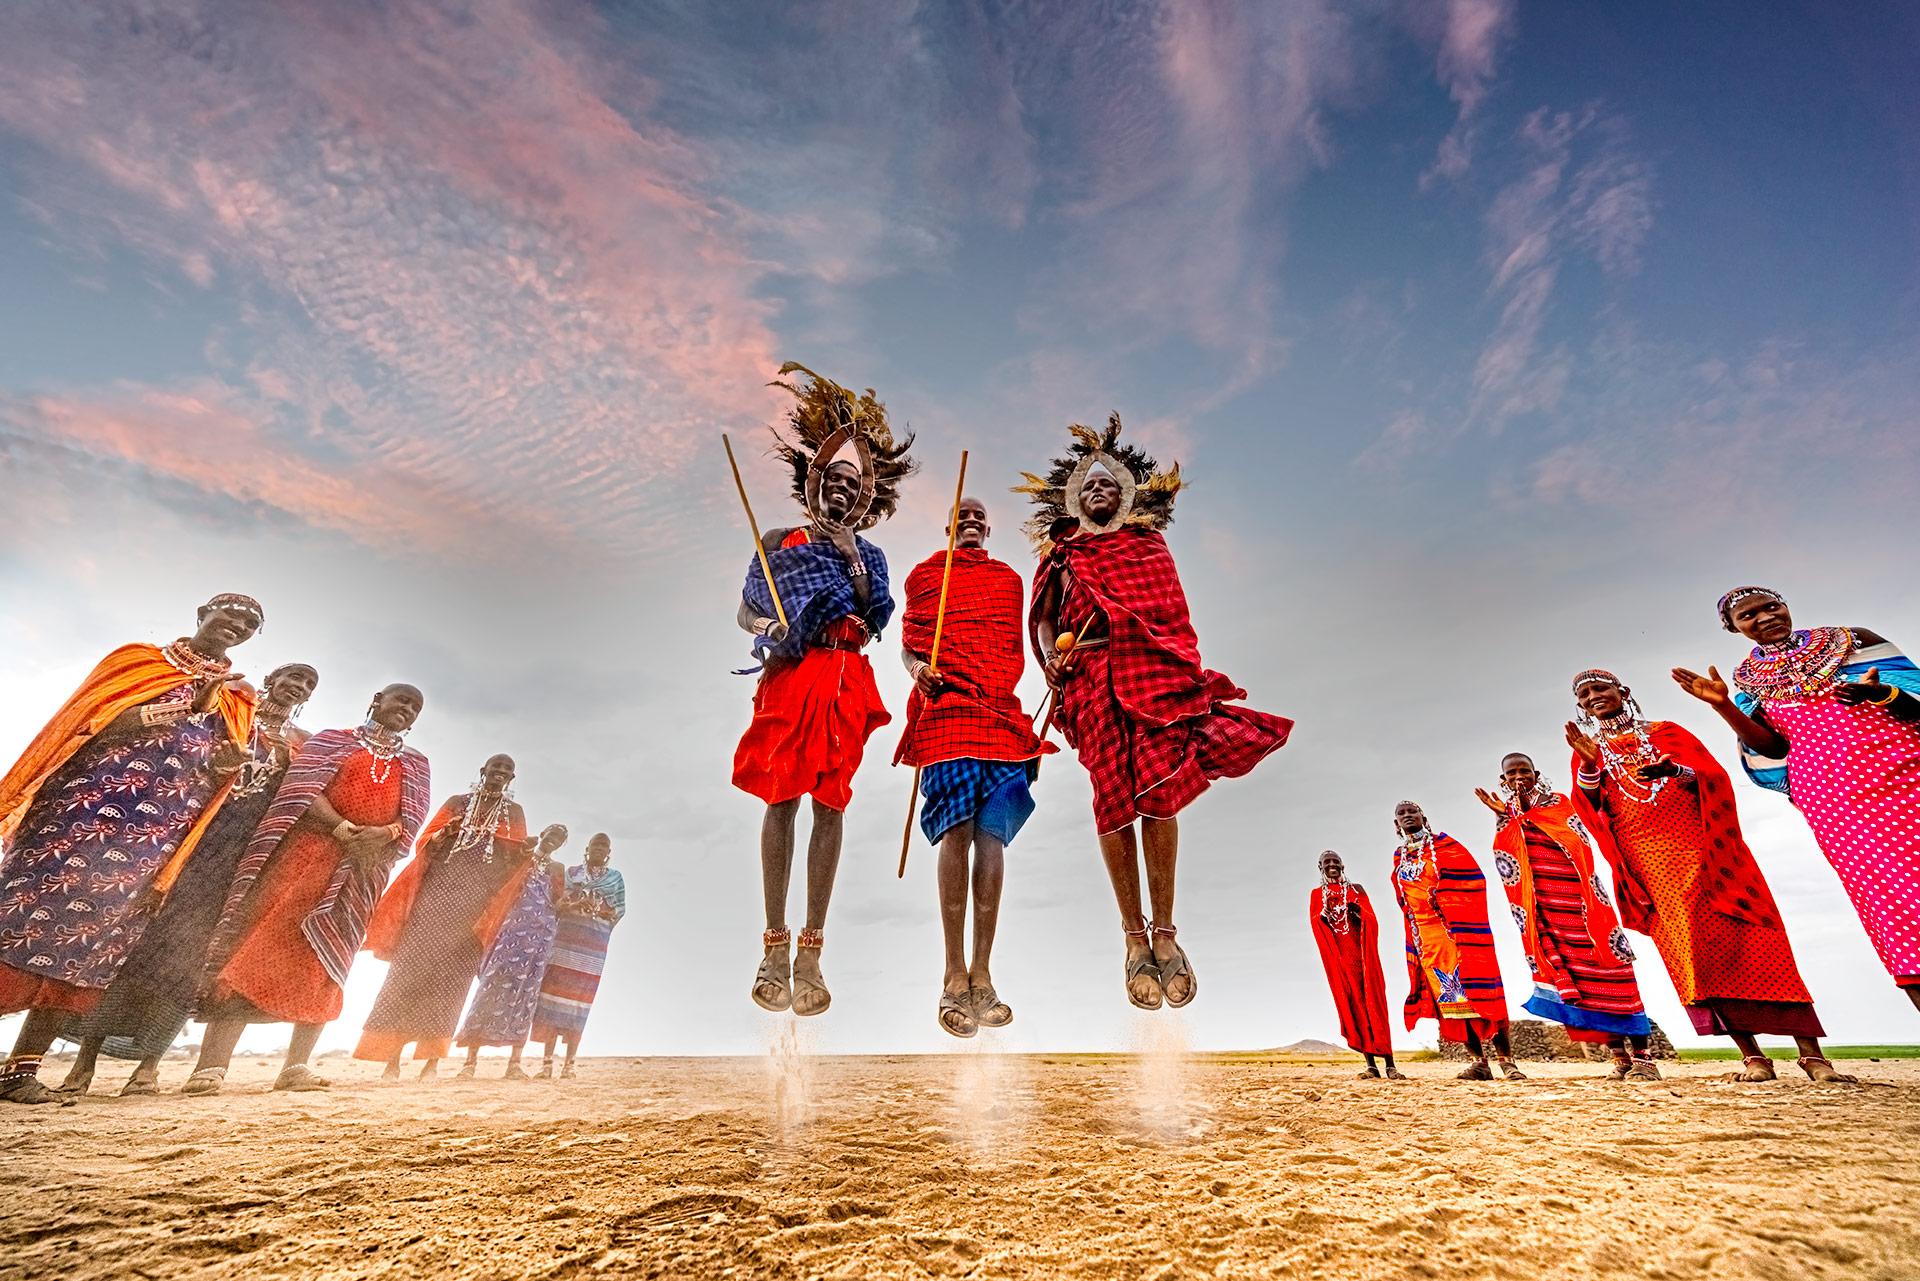 Samburu springen in Kenia auf einer Fotoreise mit Benny Rebel Fotosafaris GmbH